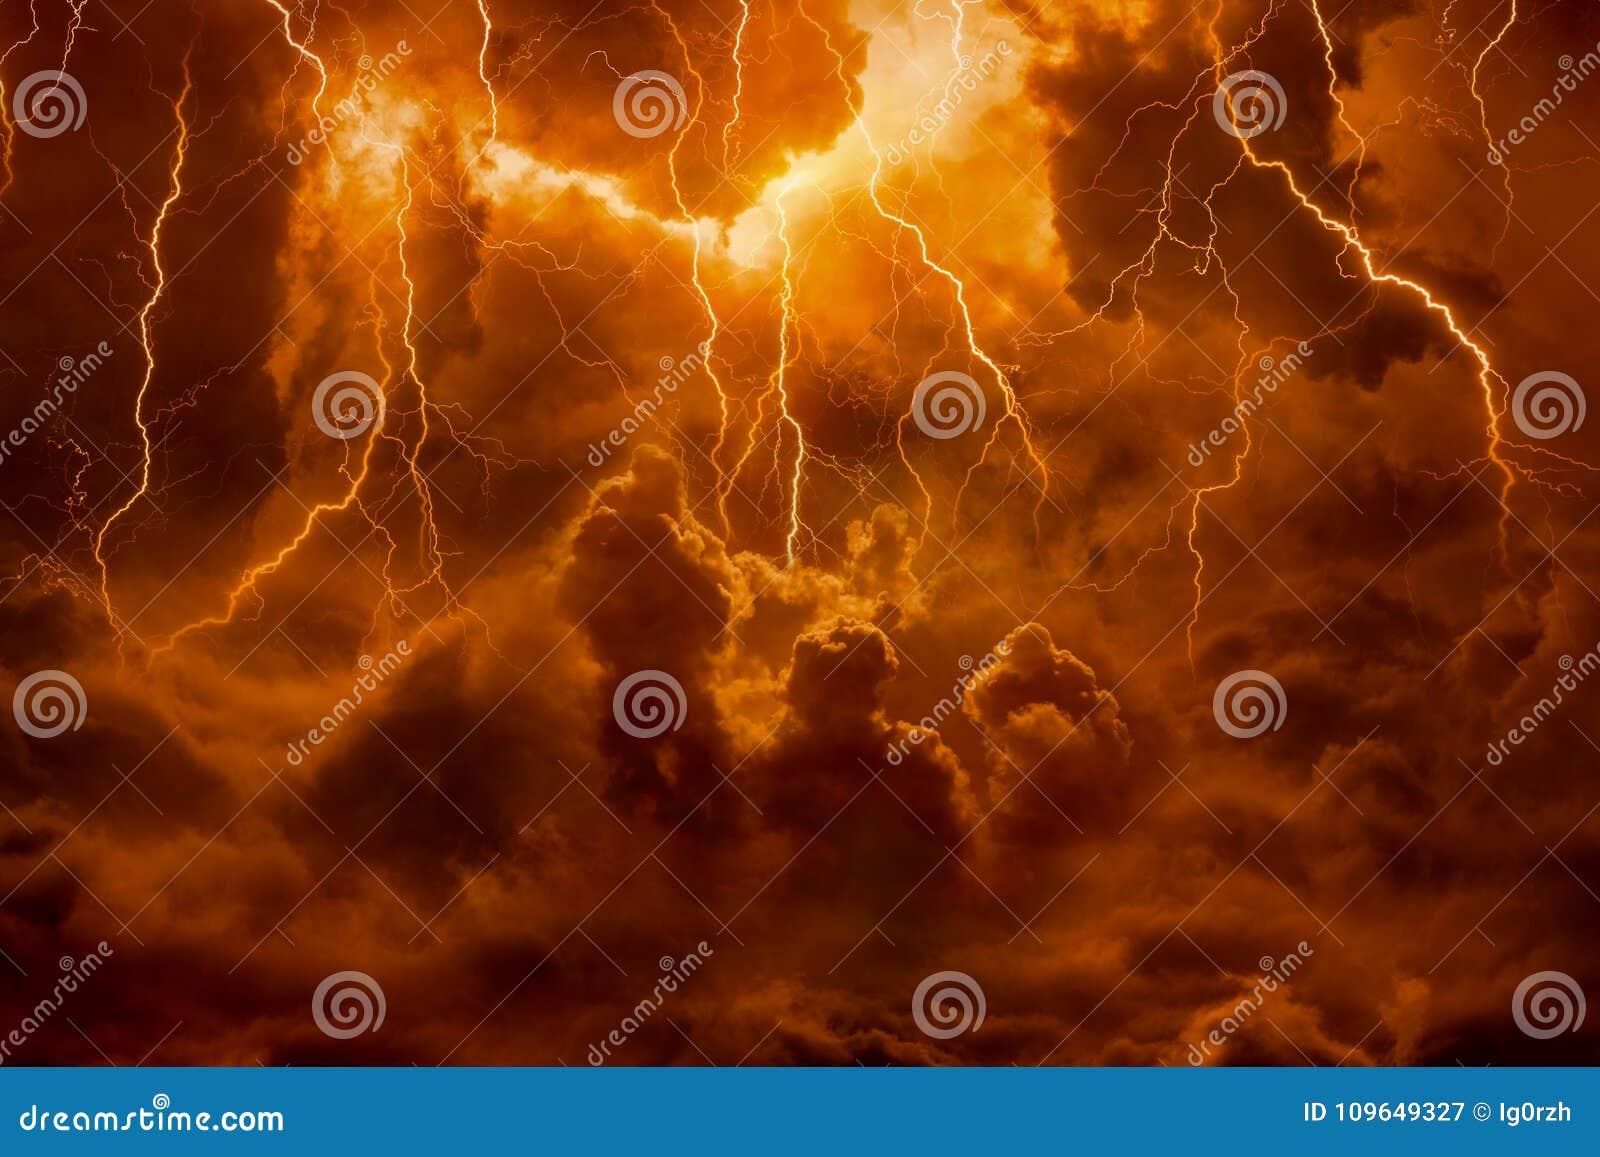 Royaume d enfer, foudres lumineuses en ciel apocalyptique, Jour du jugement dernier,